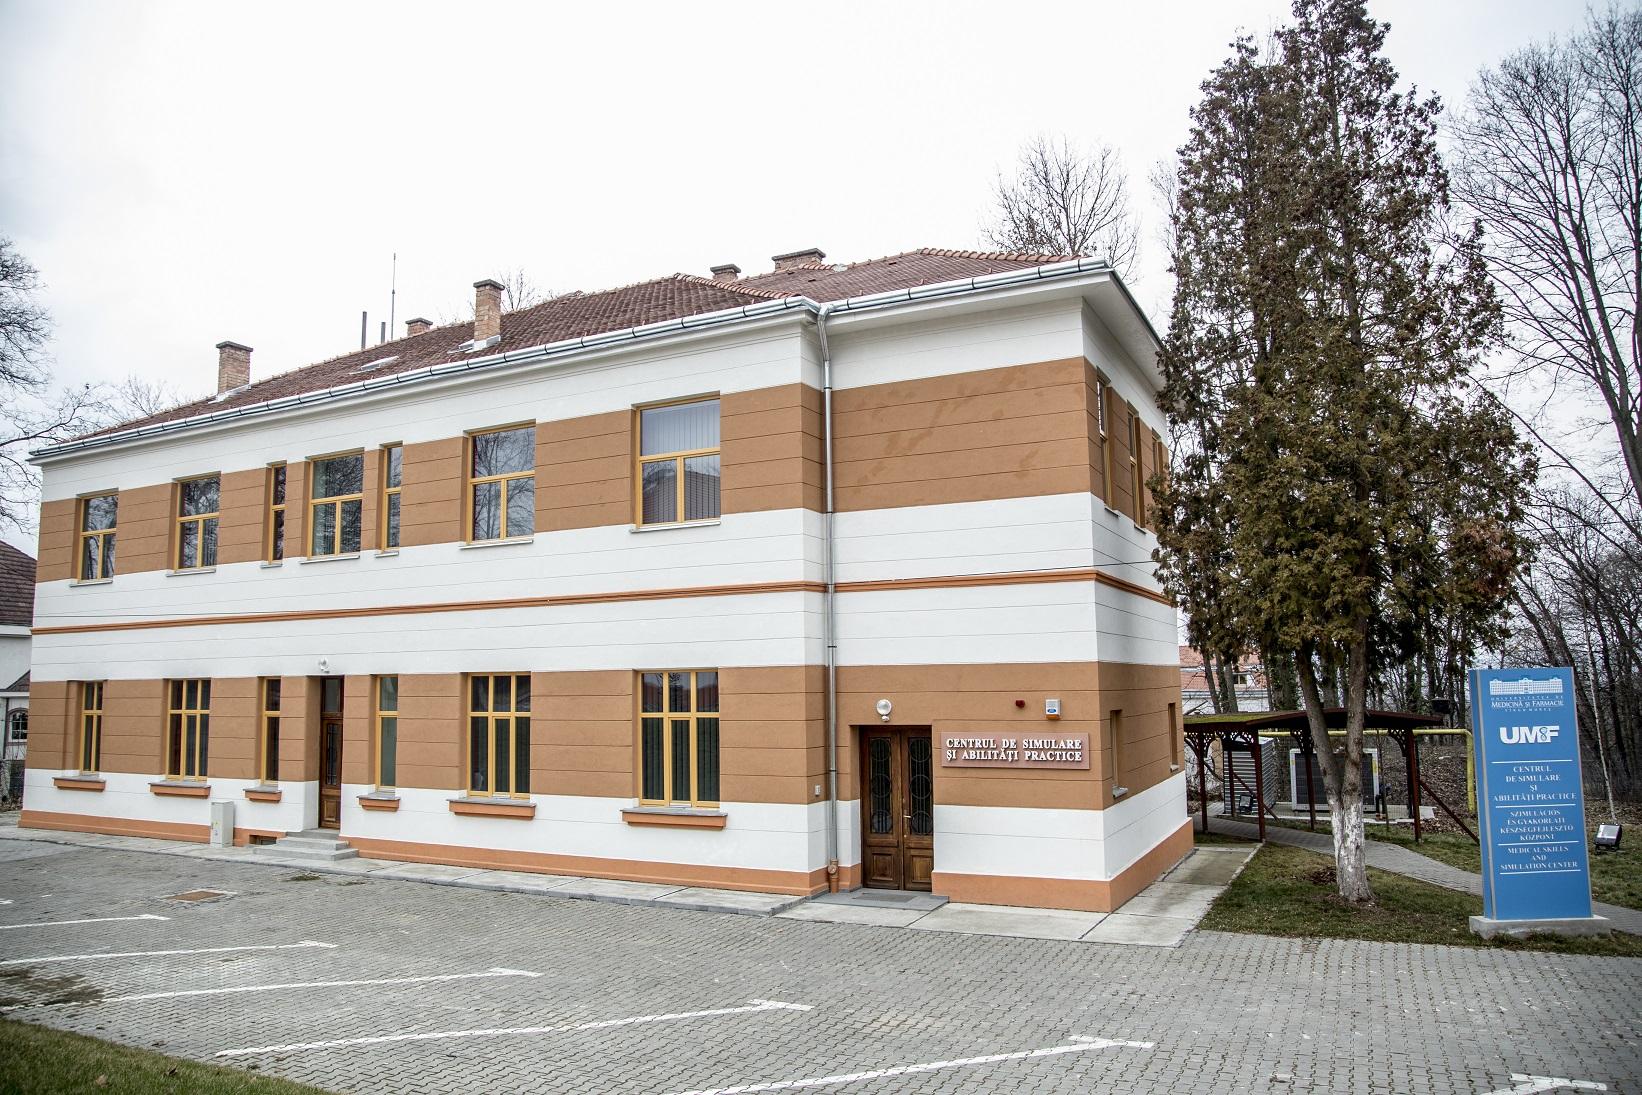 Centrul de Simulare și Abilități Practice al UMF, primul centru din România acreditat internațional